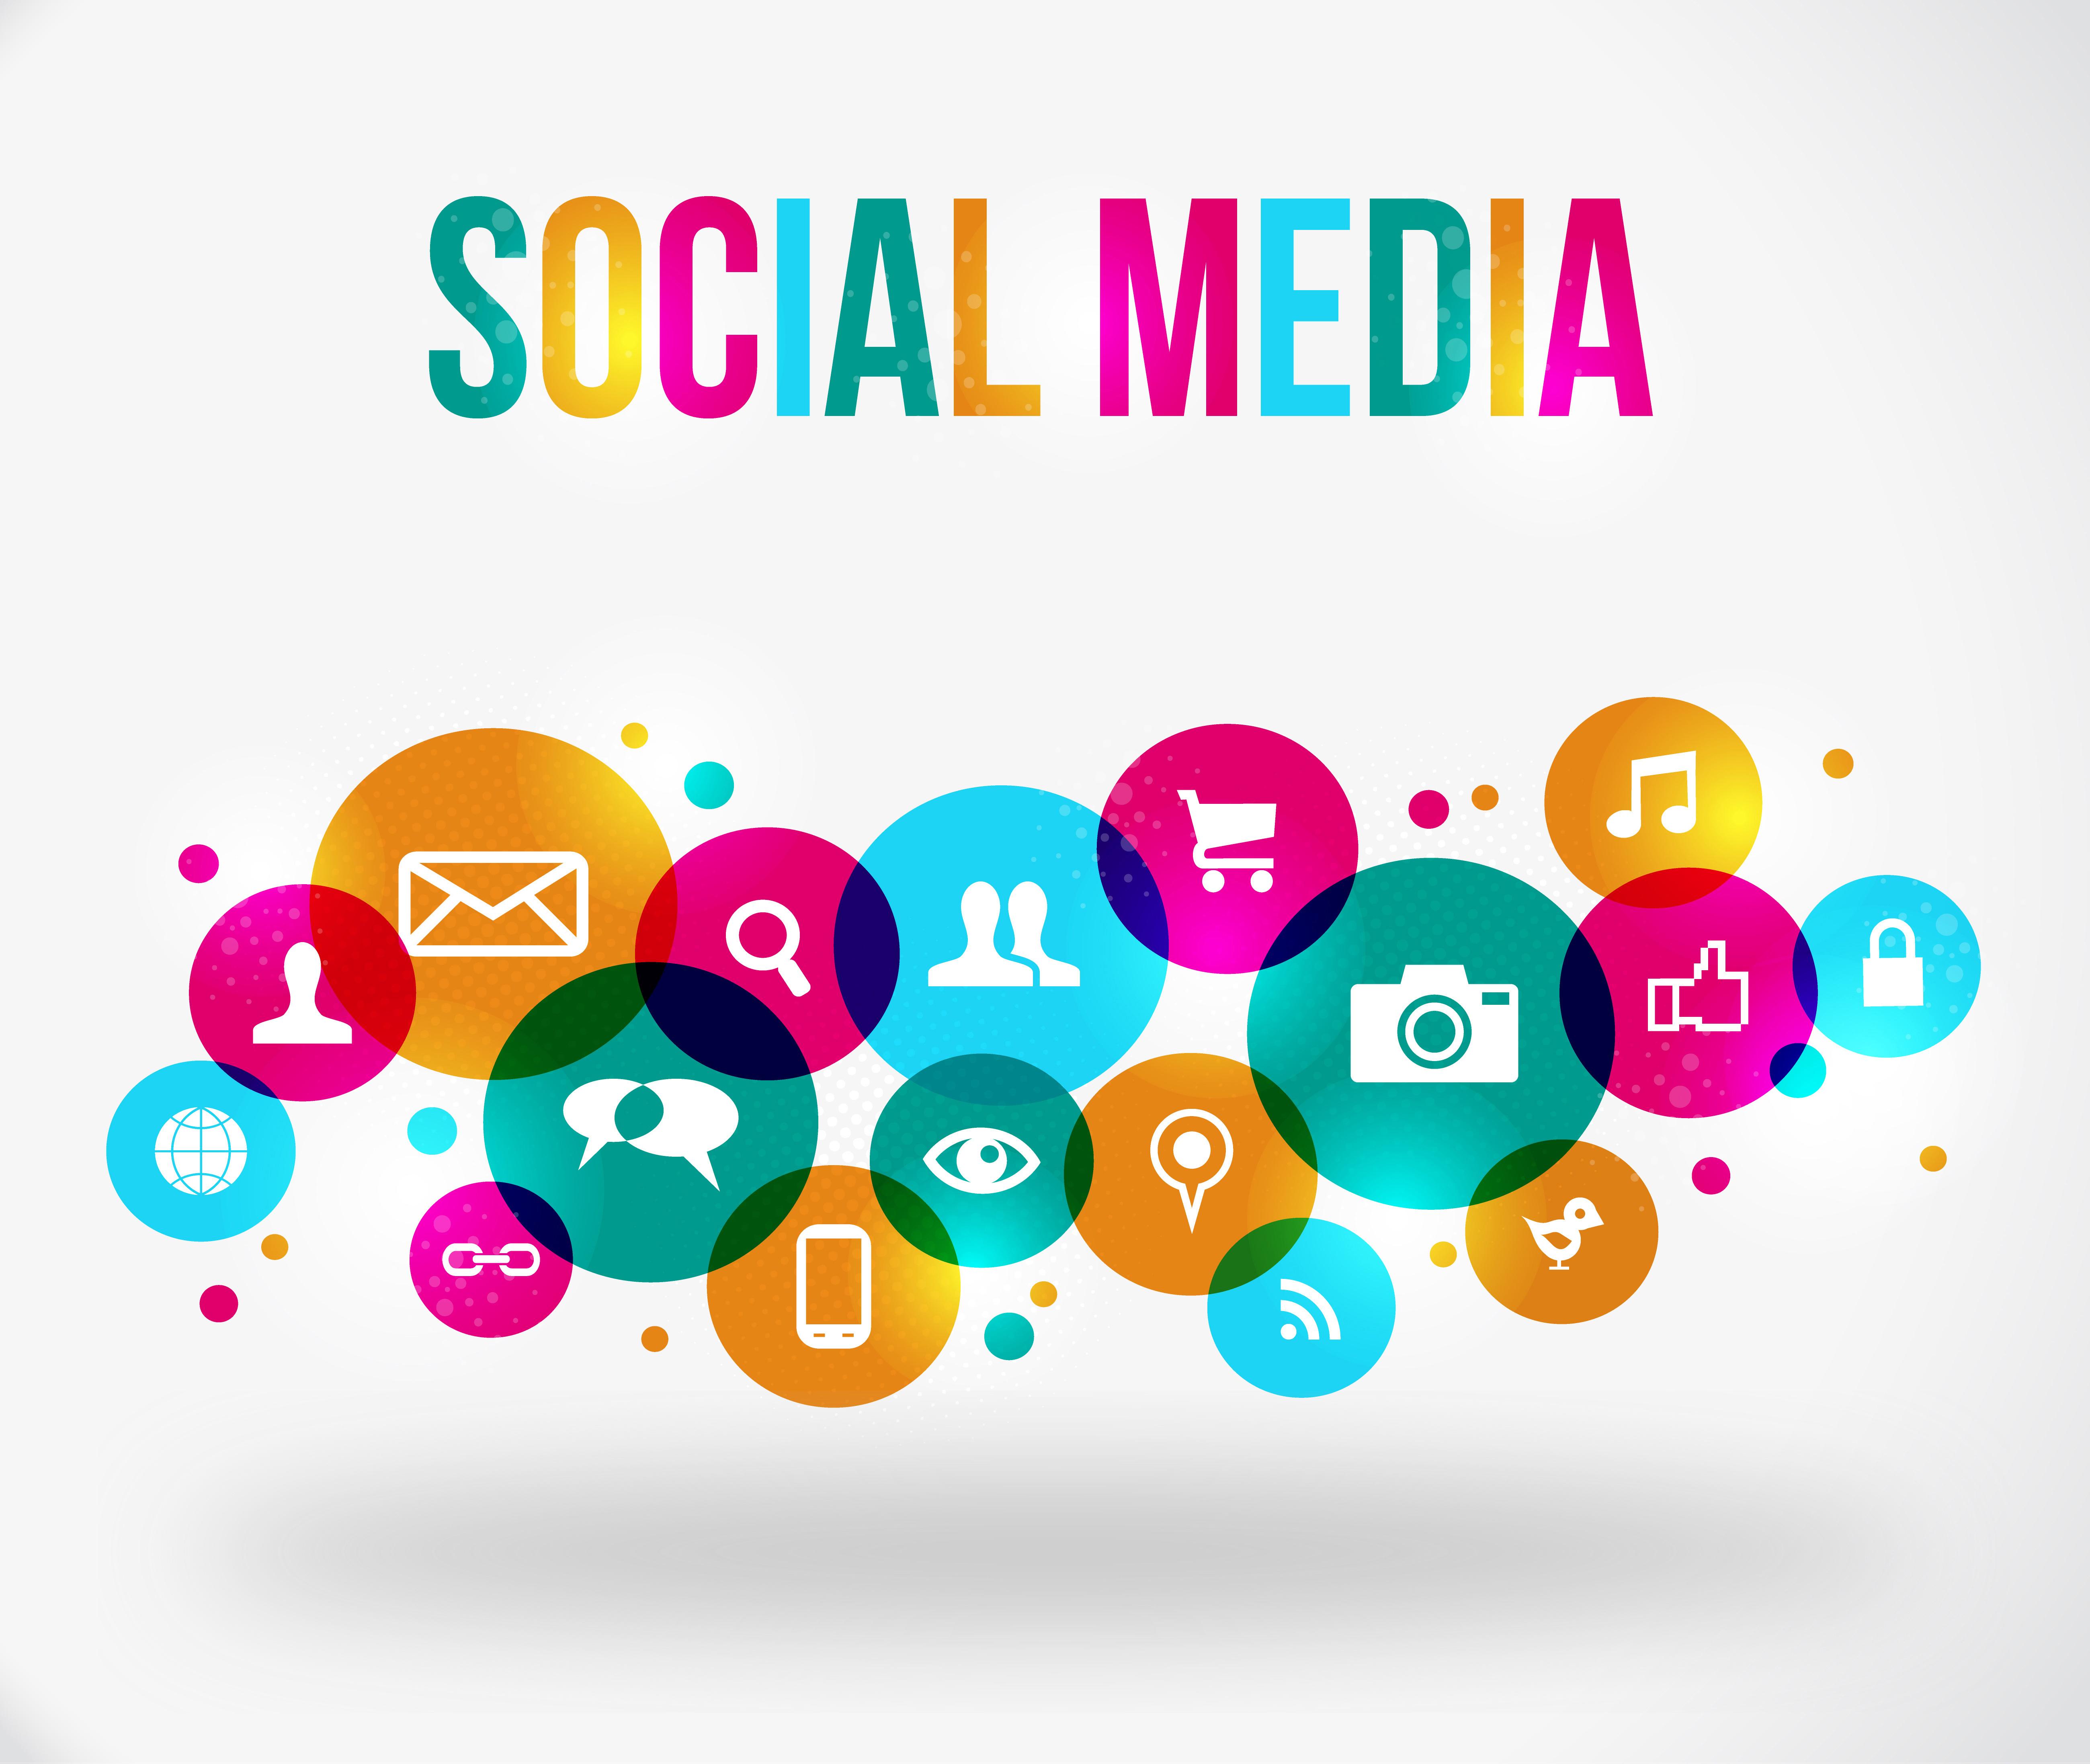 Las redes sociales pueden ayudar a emprender una evolución positiva, gracias a su efectividad e inmediatez y por medio de los usuarios.